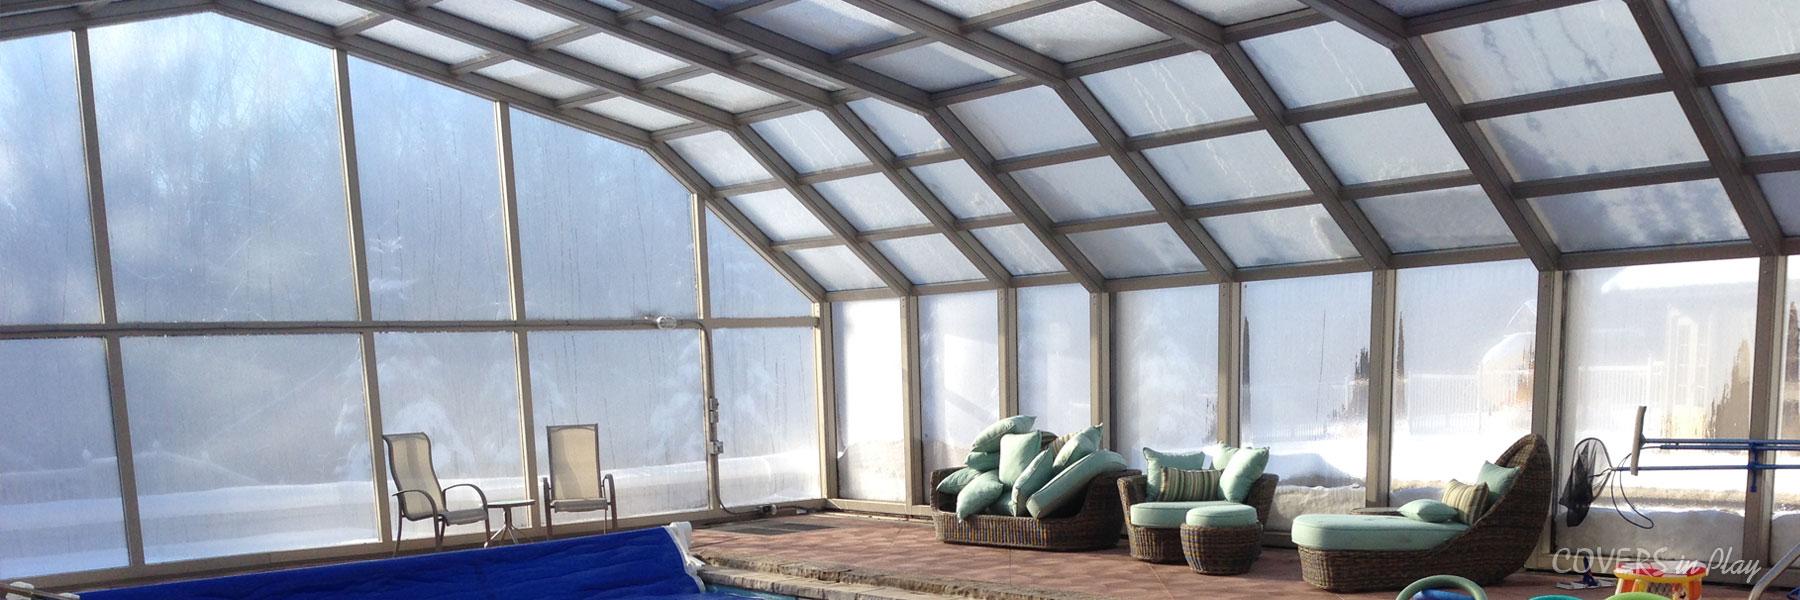 Get a quote retractable enclosures pool enclosures for Retractable pool enclosure